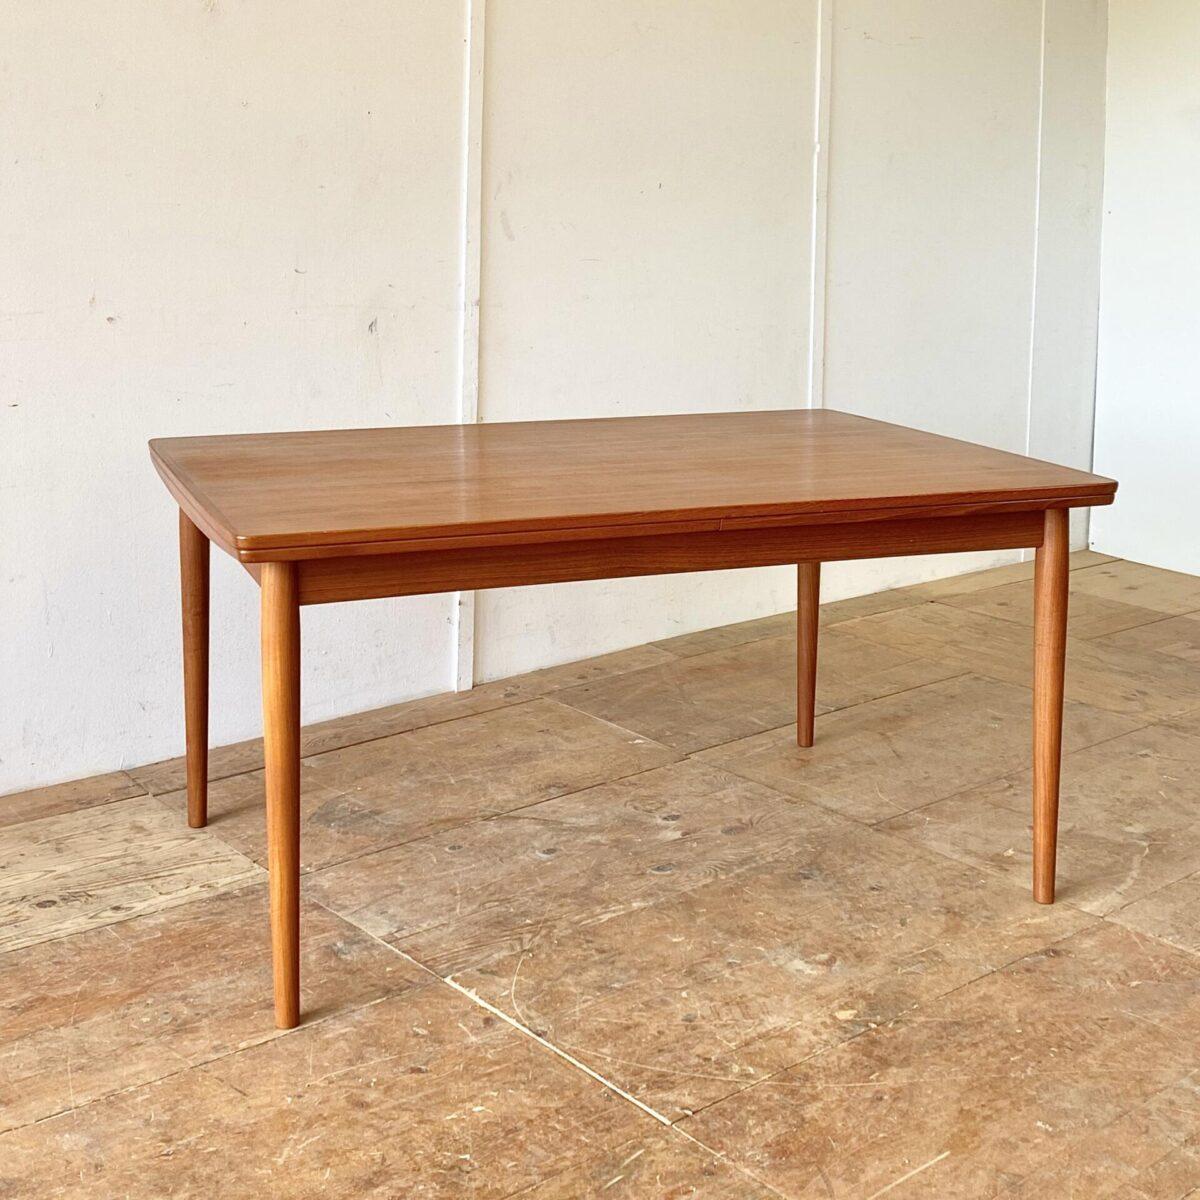 Midcentury Teak Auszugtisch 150x100cm Höhe 73.5cm. Ausgezogen 296x100cm. Schlichte leicht geschwungene Grundform, mit runden konischen Beinen. Die Auszugplatten haben einen leichten Farbunterschied im Vergleich zur Mittelplatte, und auch ein etwas lebhafteres Furnier. Ansonsten ist der Tisch in gepflegtem, stabilen Zustand.